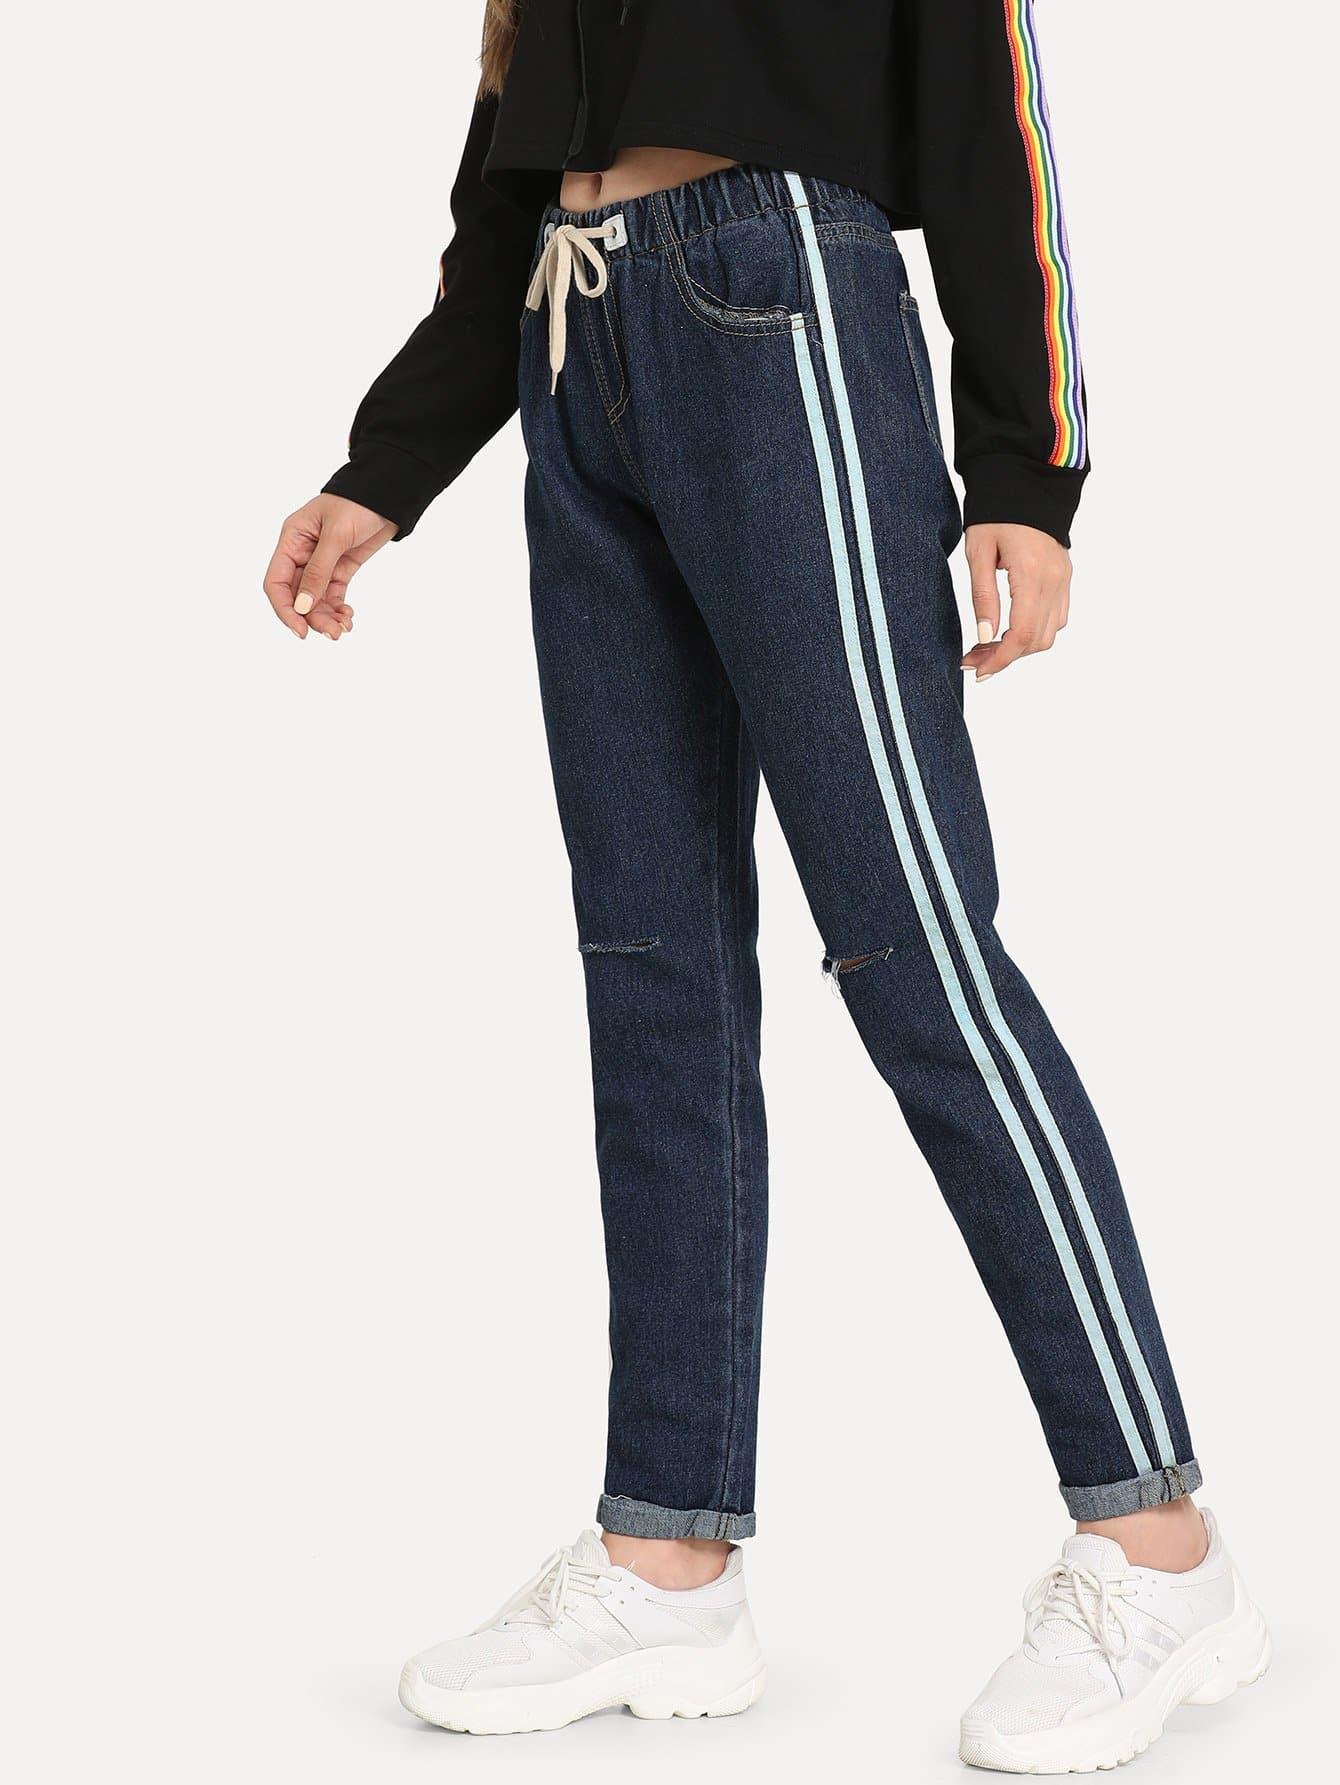 Купить Рваные джинсы в полоску сбоку, Jana, SheIn